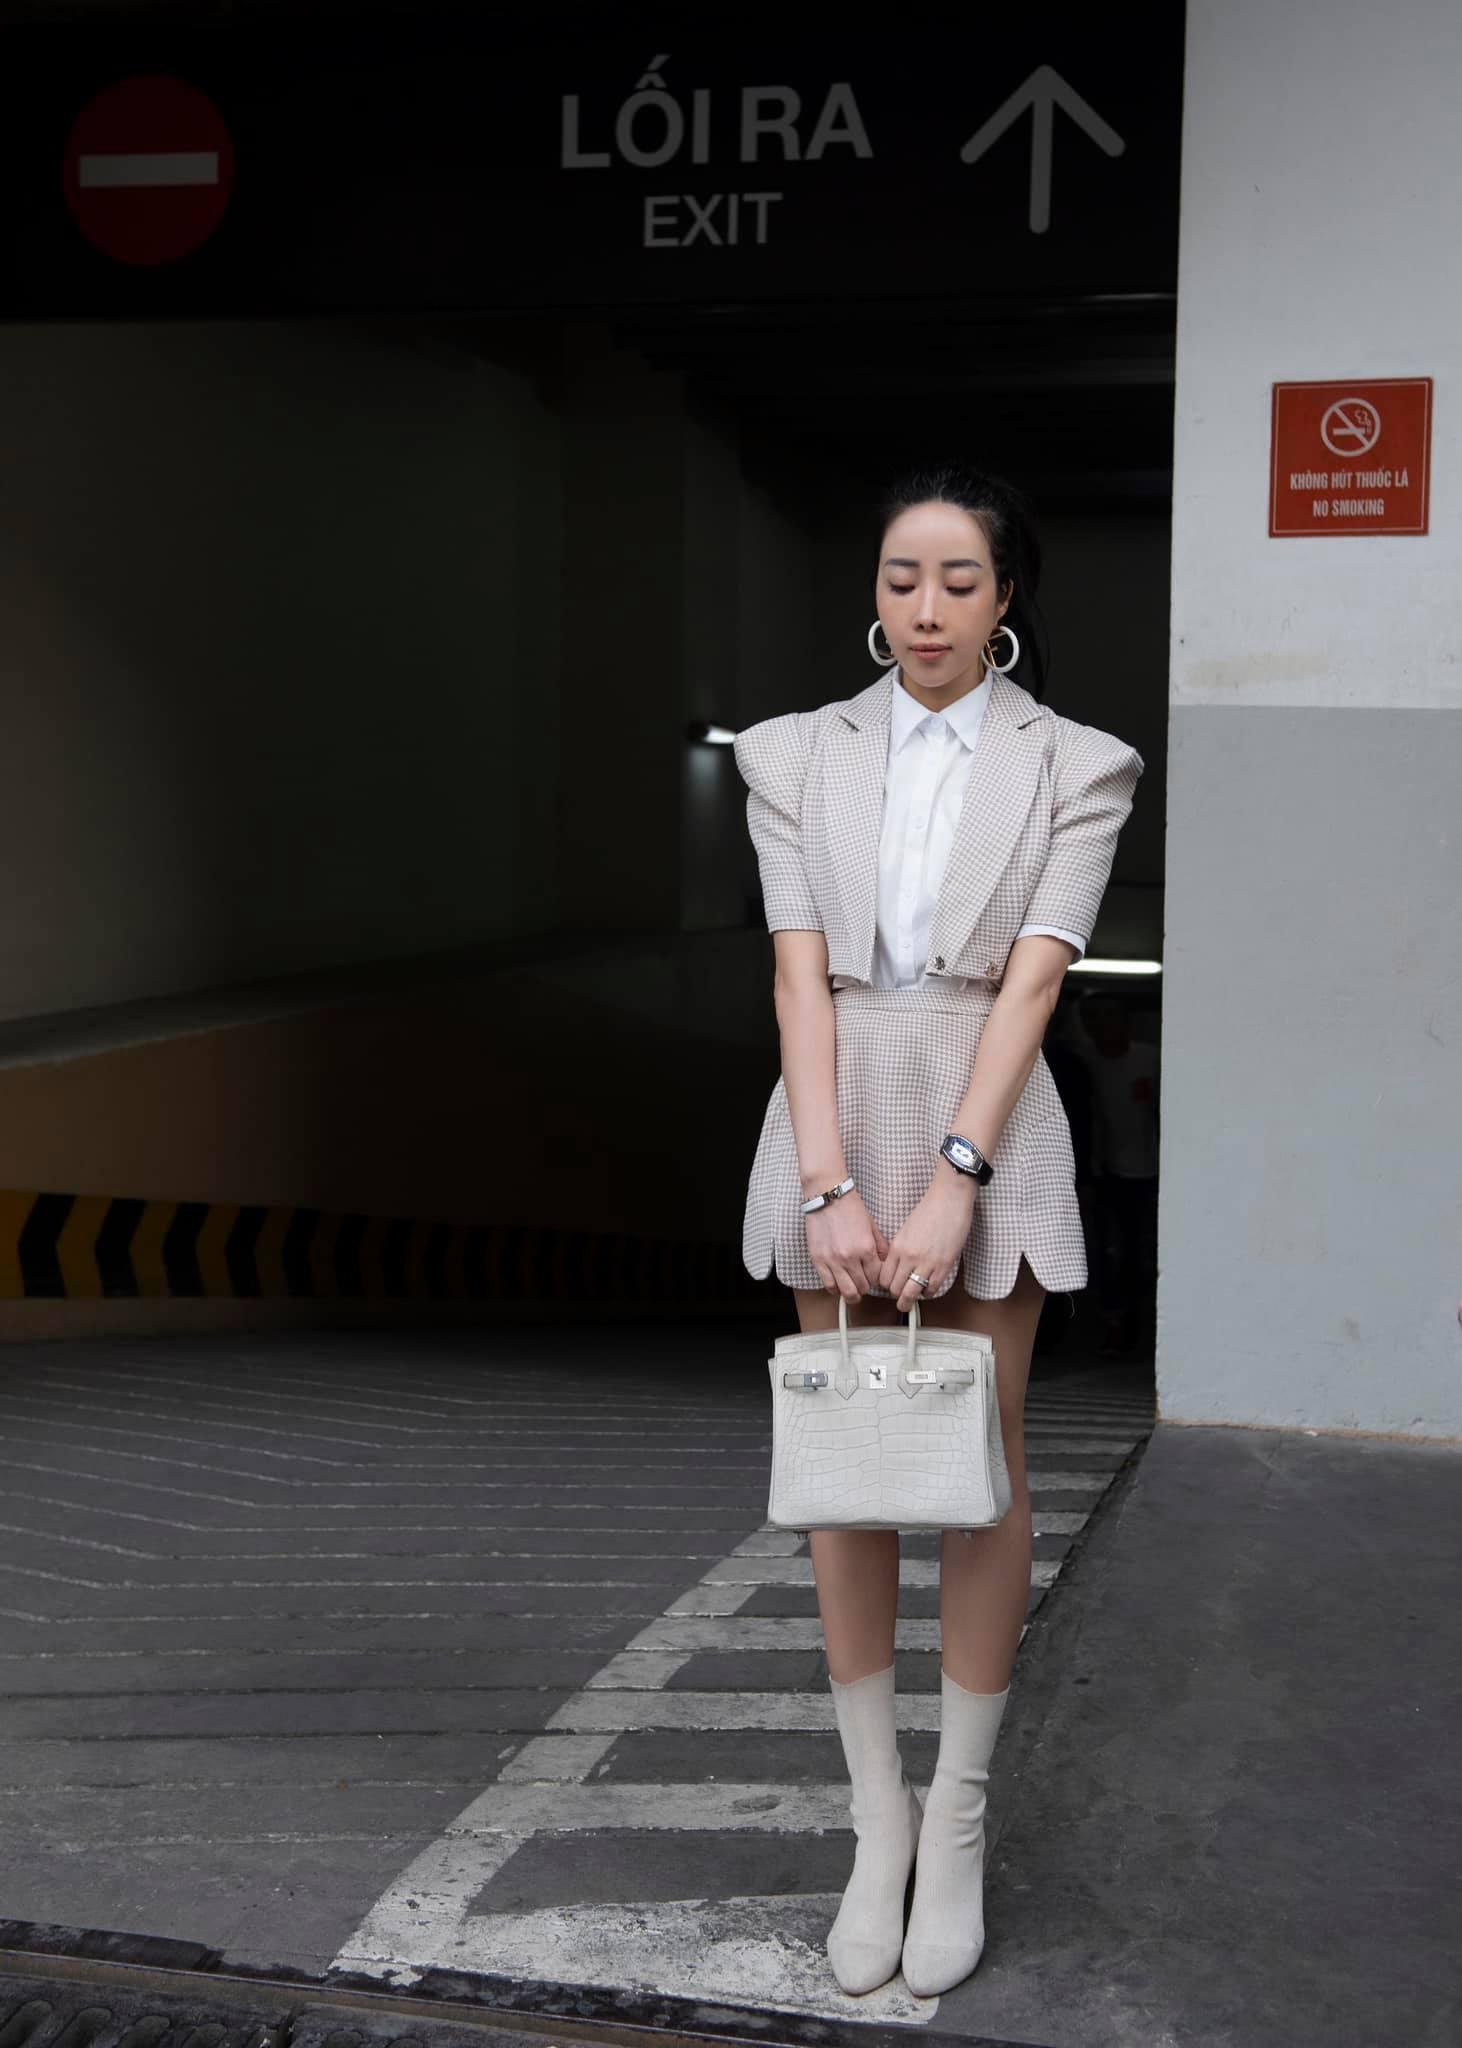 Hot mom nhiều túi Hermès hơn cả Ngọc Trinh lần đầu hé lộ gia tài túi hơn 30 tỷ, nhiều mẫu hot hit chưa chắc có tiền đã mua được - Ảnh 8.